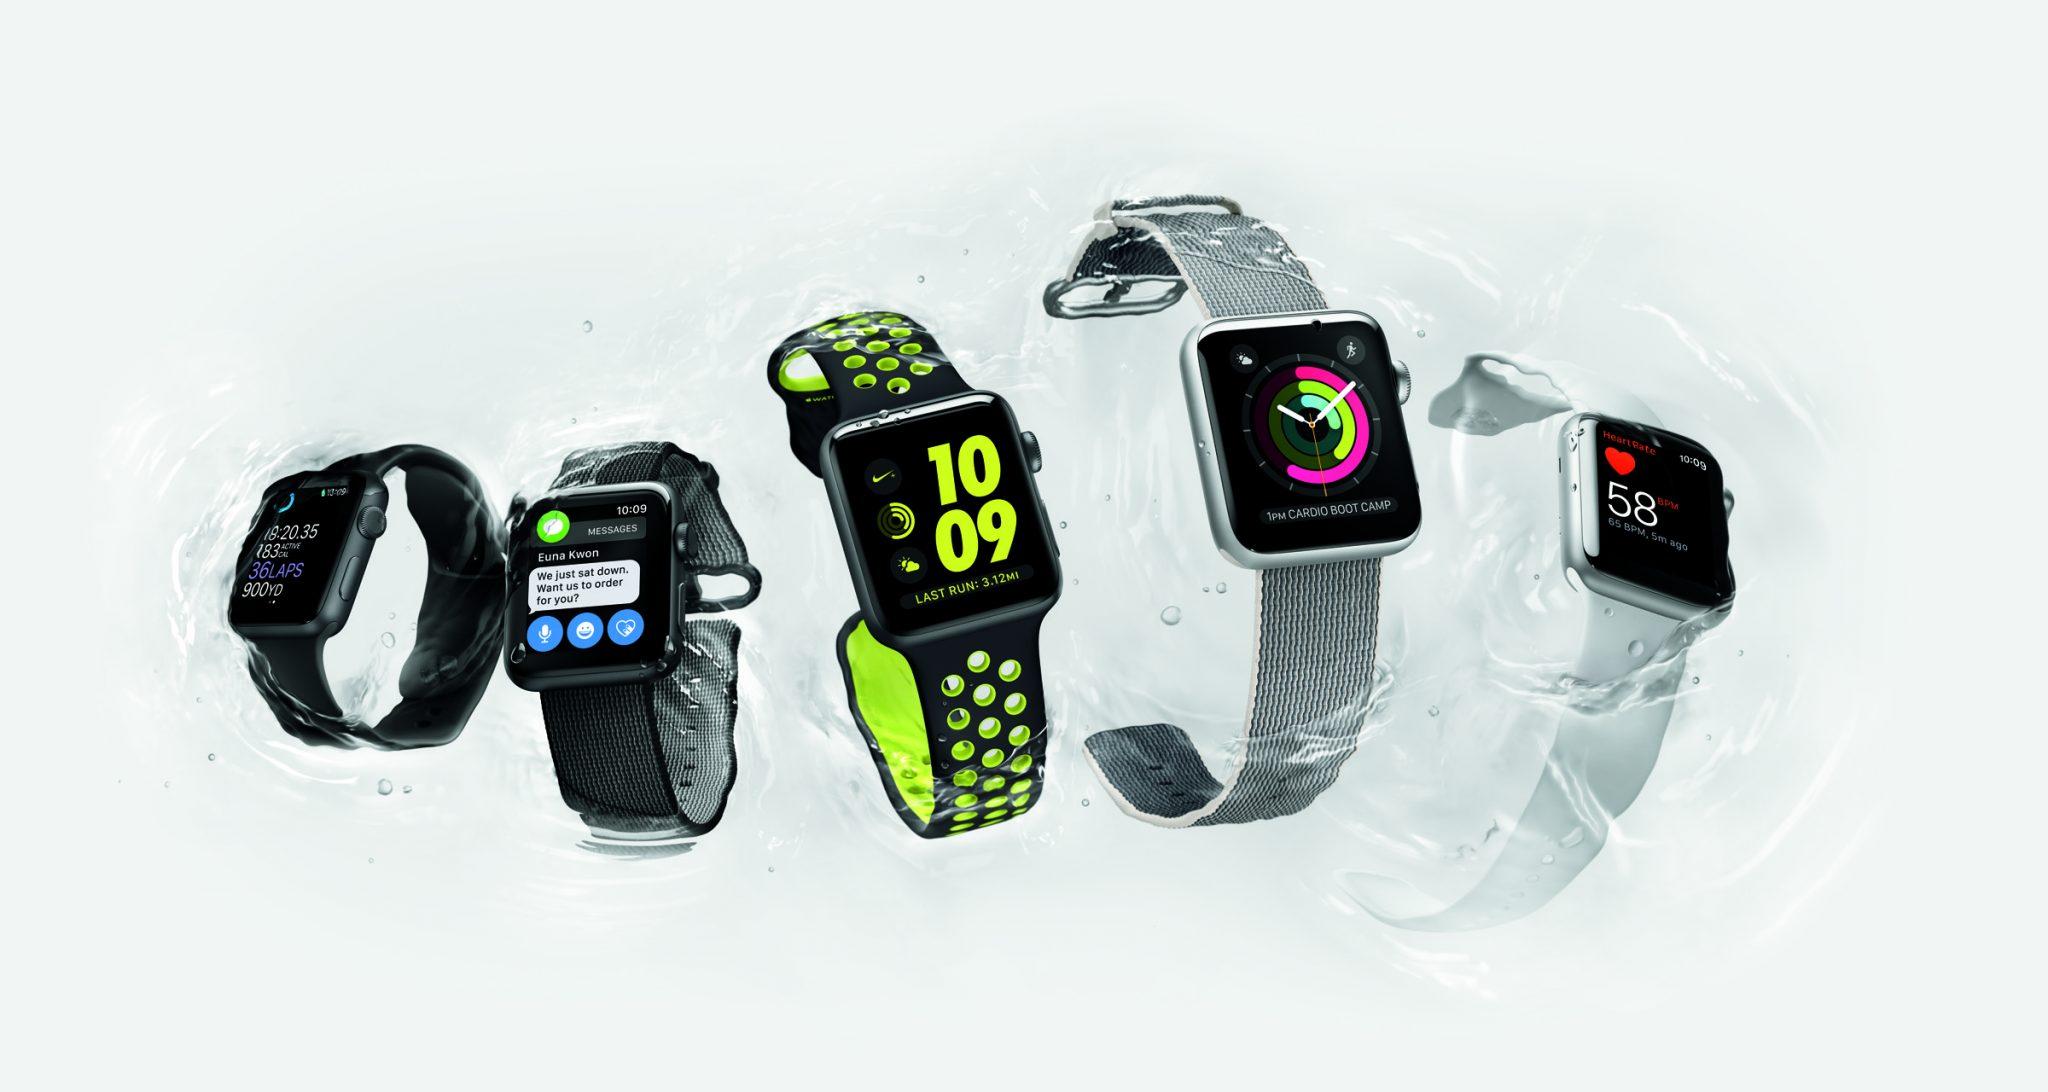 10 correas baratas para el Apple Watch